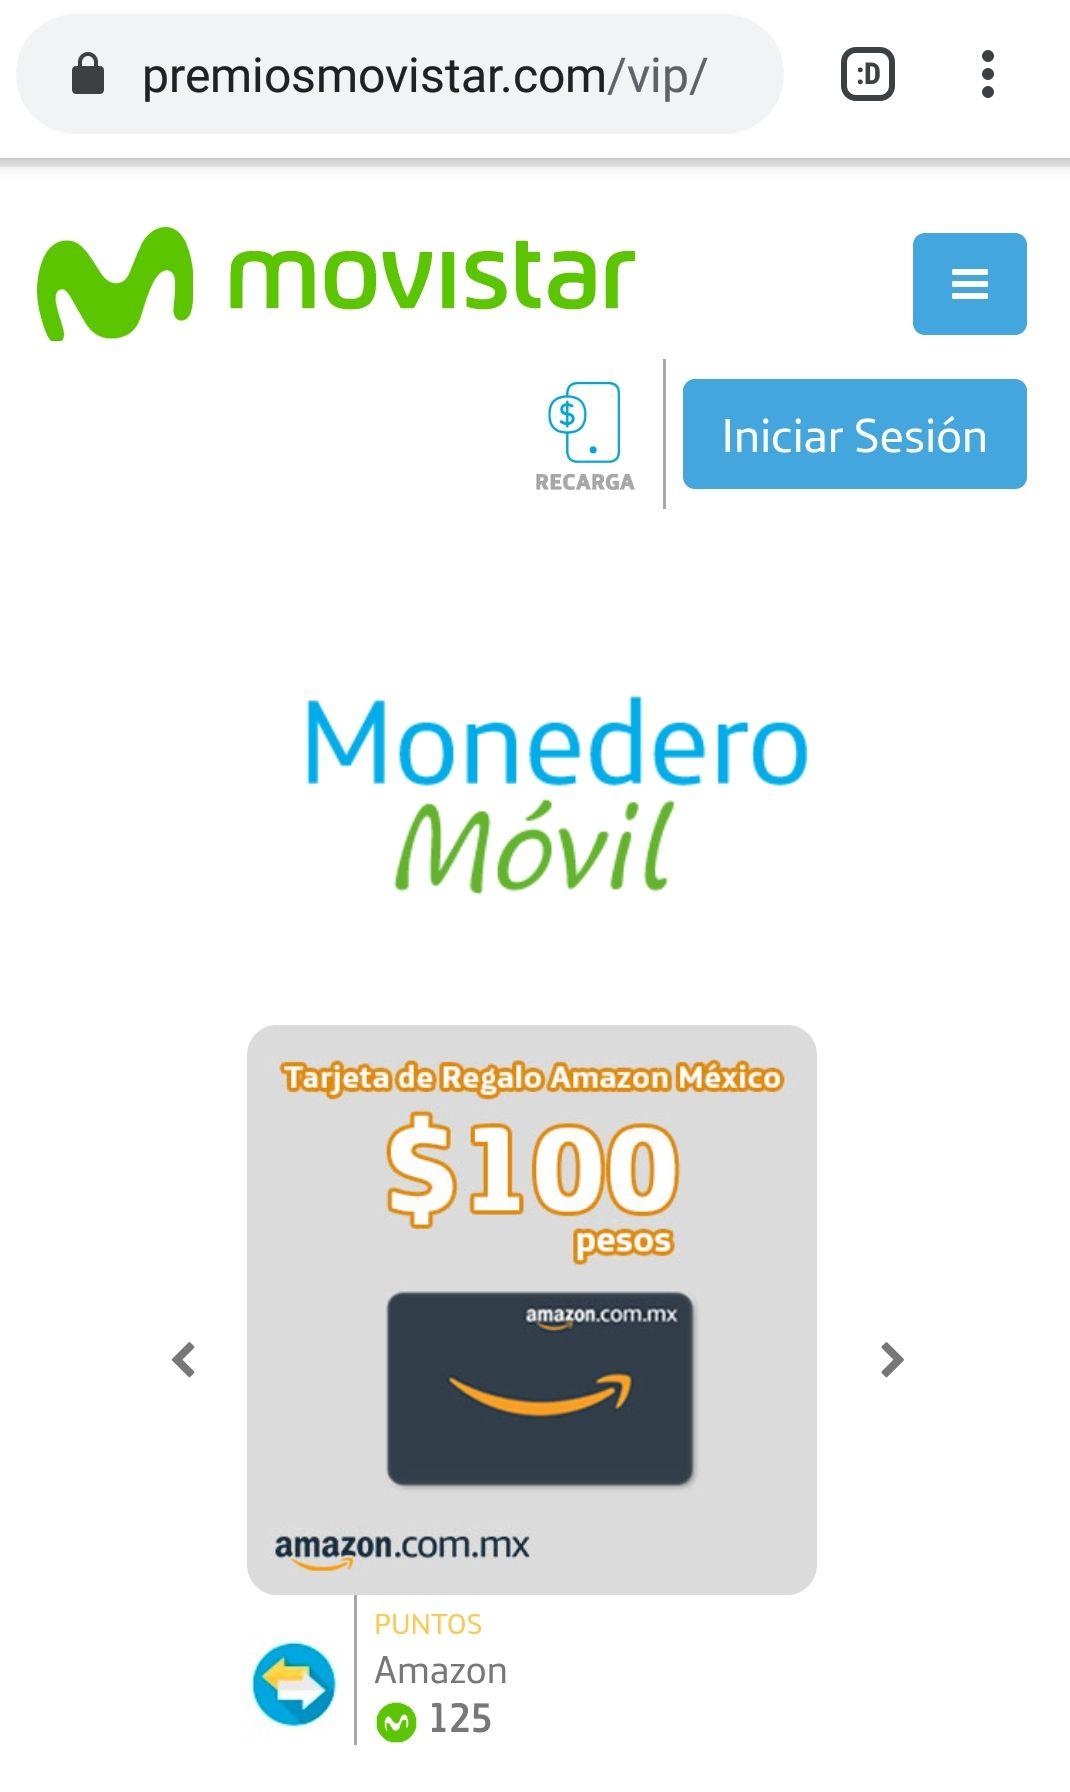 Movistar Tarjeta regalo 100 amazon